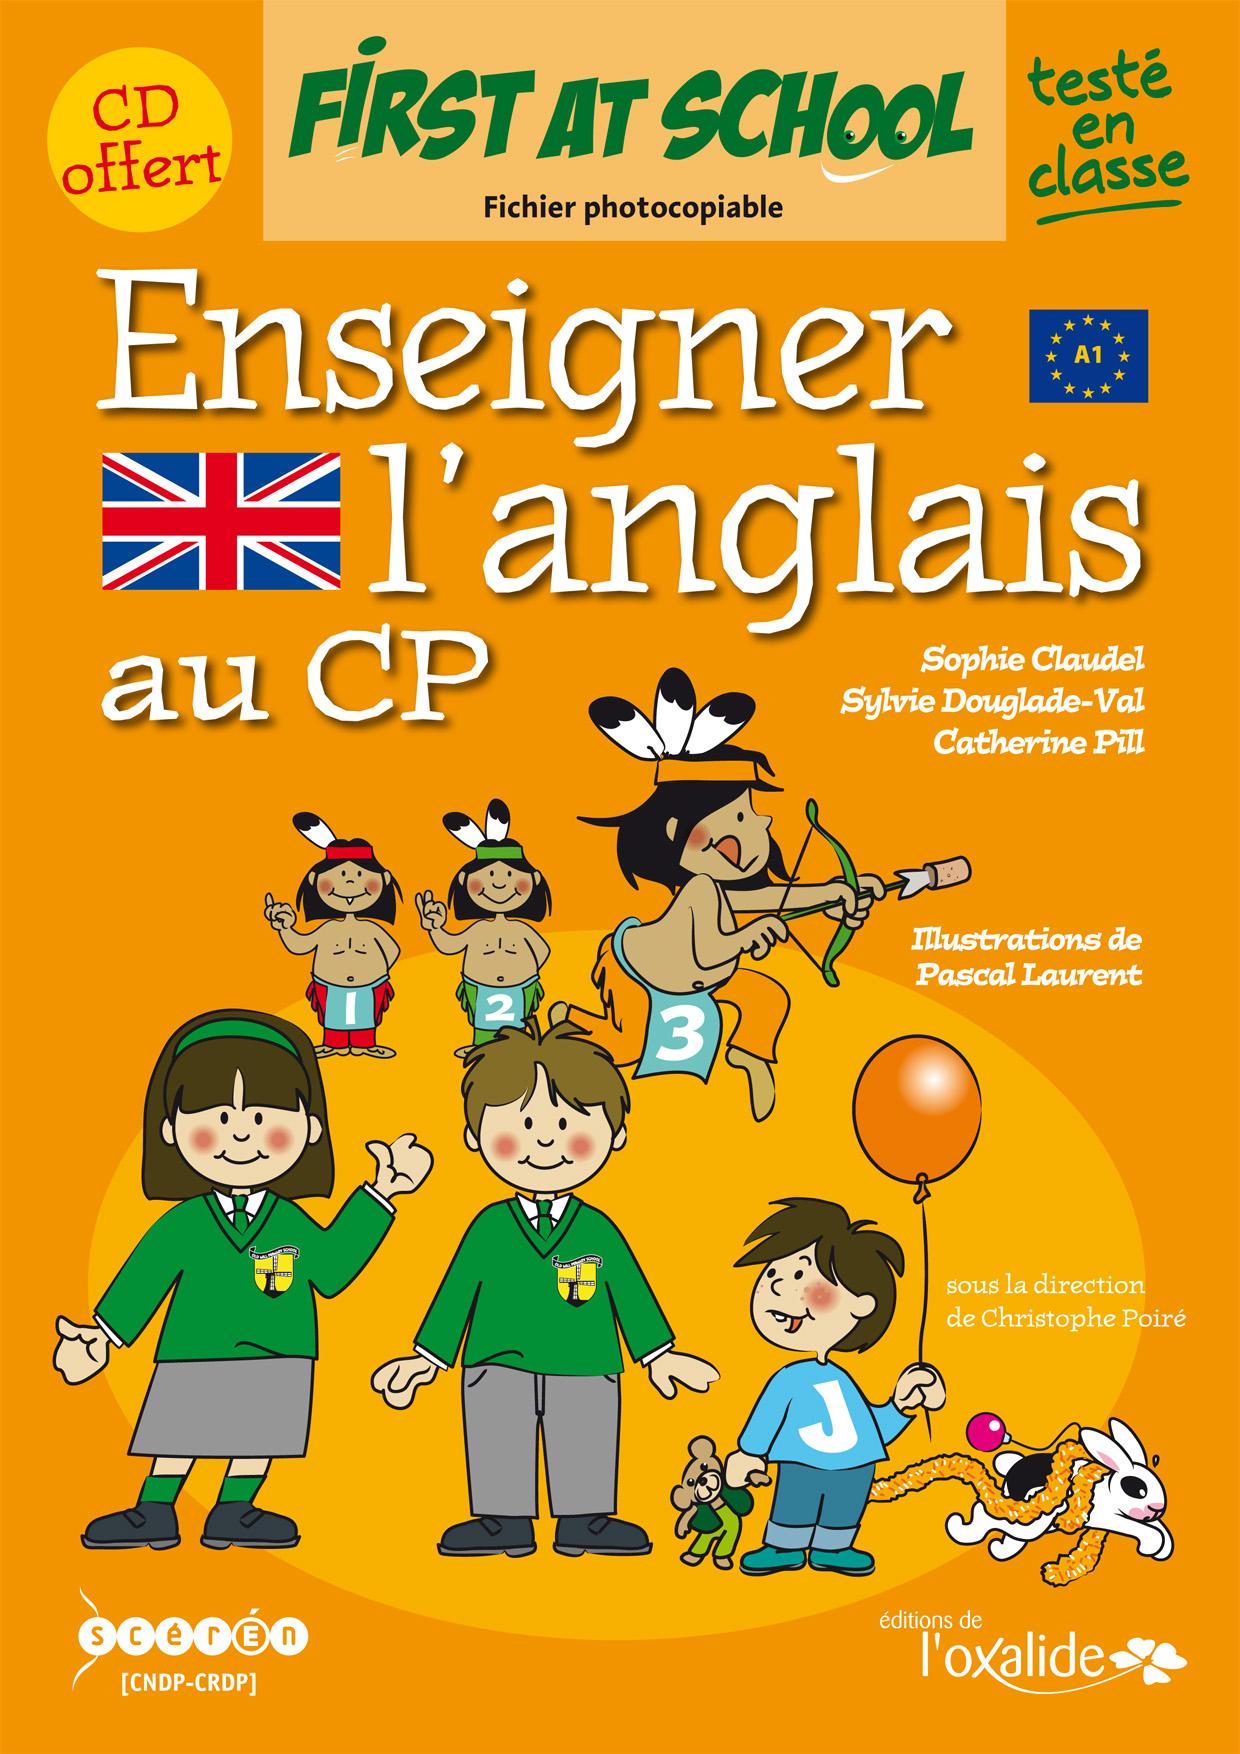 Editions de l'Oxalide : Enseigner l'anglais au CP - Fichier photocopiable et CD Audio - De